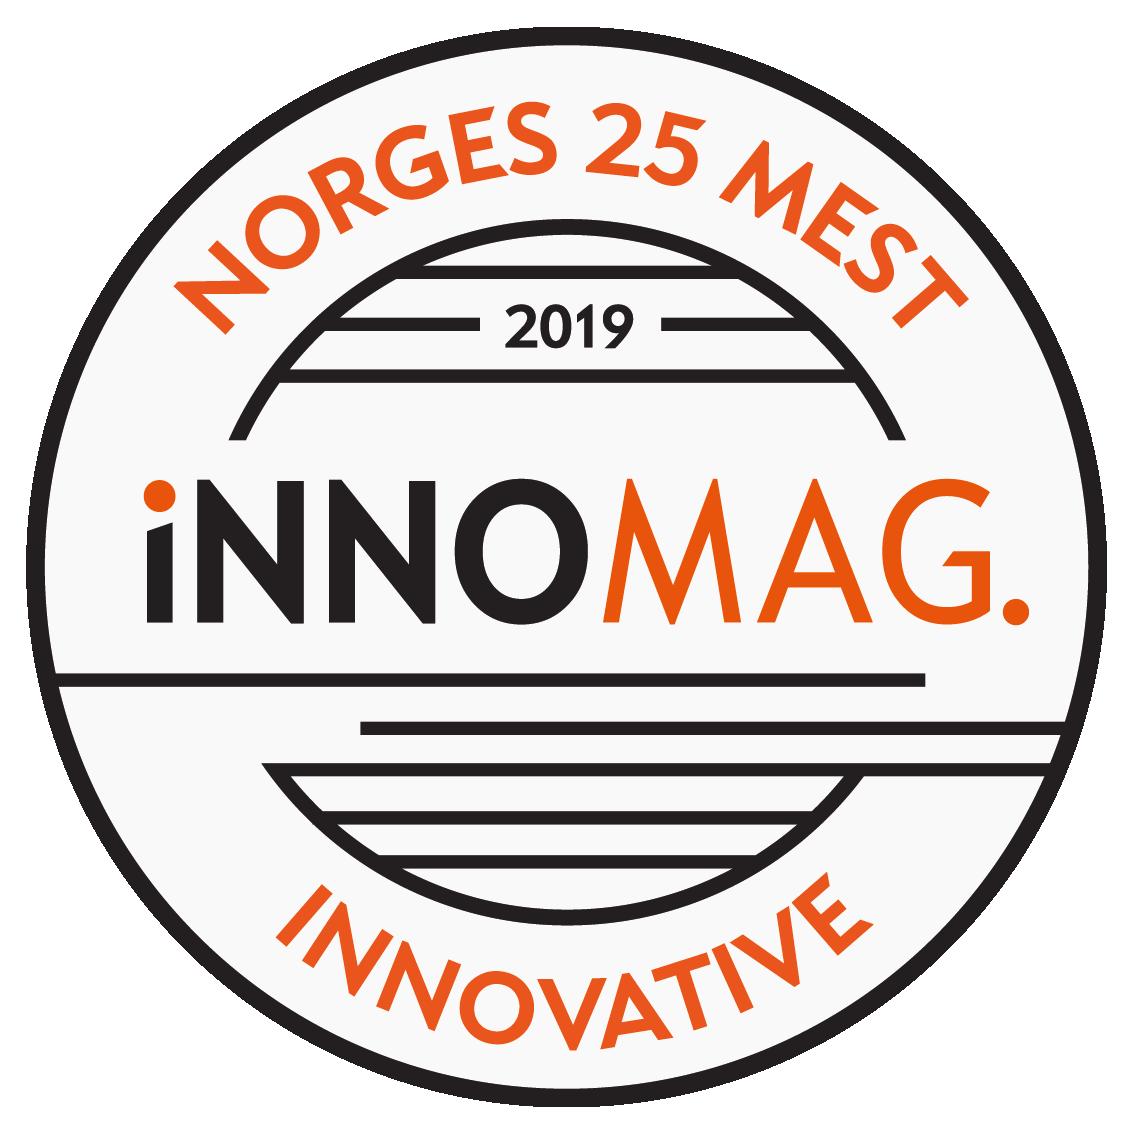 Itera kåret til en av Norges mest innovative virksomheter for fjerde år på rad.png